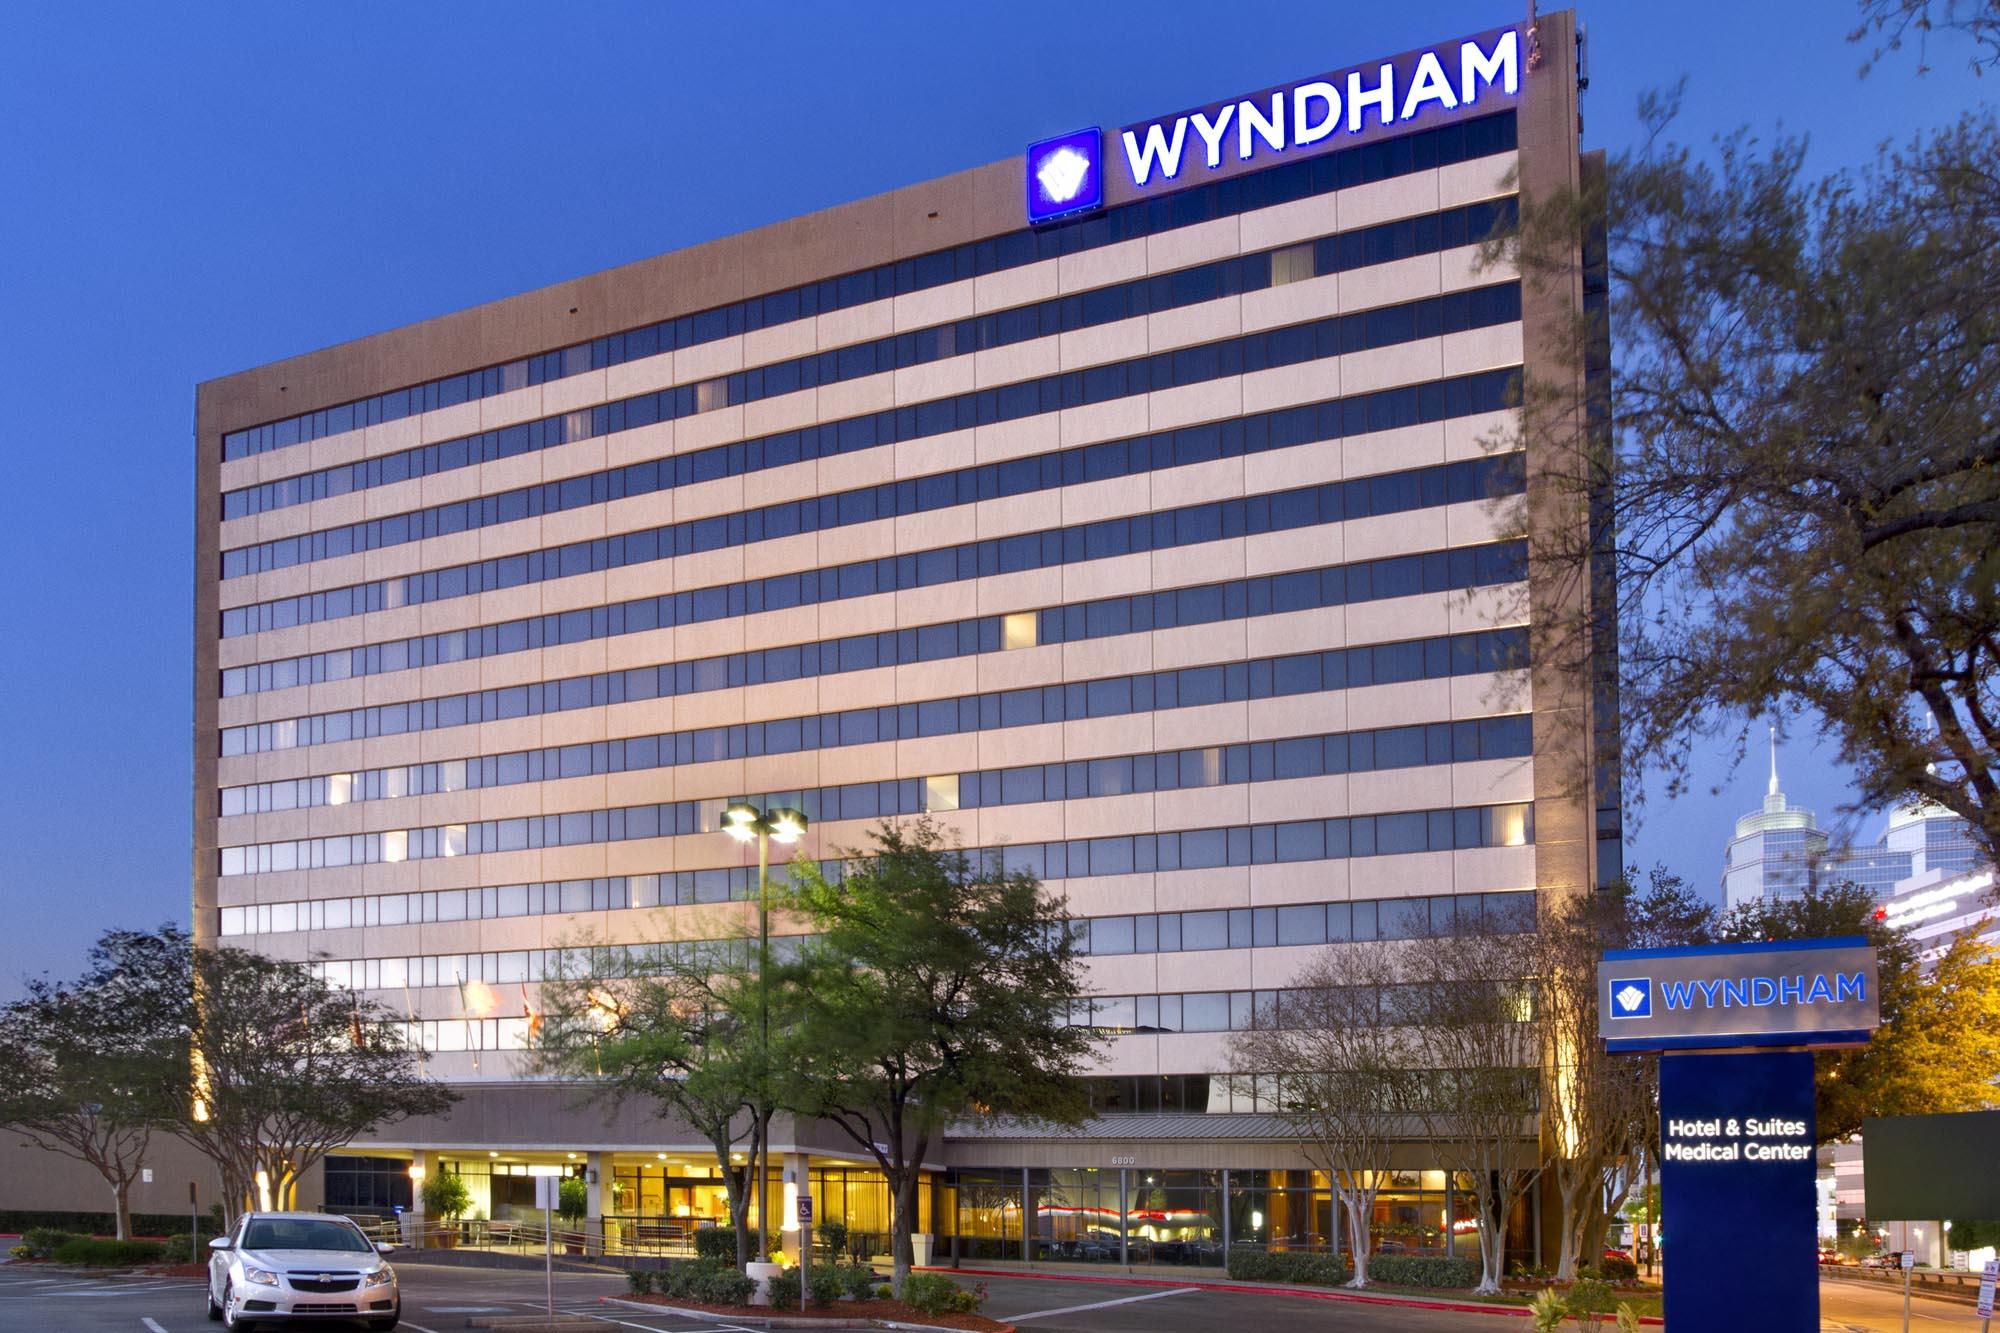 Wyndham Rewards, La Quinta Returns Offer 1:1 Point